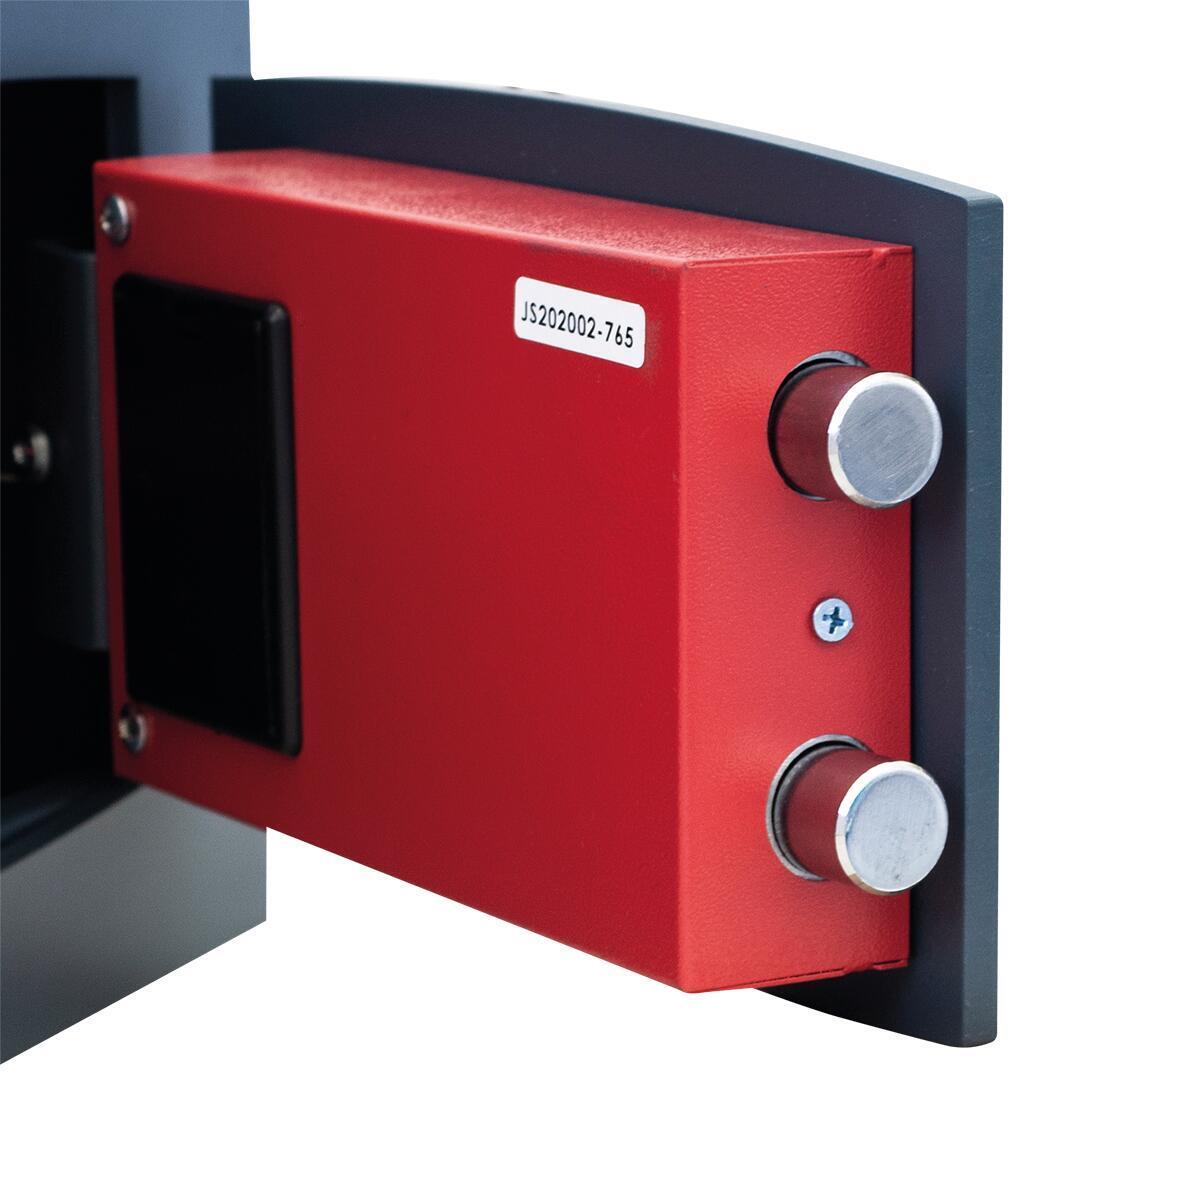 Cassaforte con codice elettronico STARK 852A da murare L 36 x P 19.5 x H 23 cm - 6